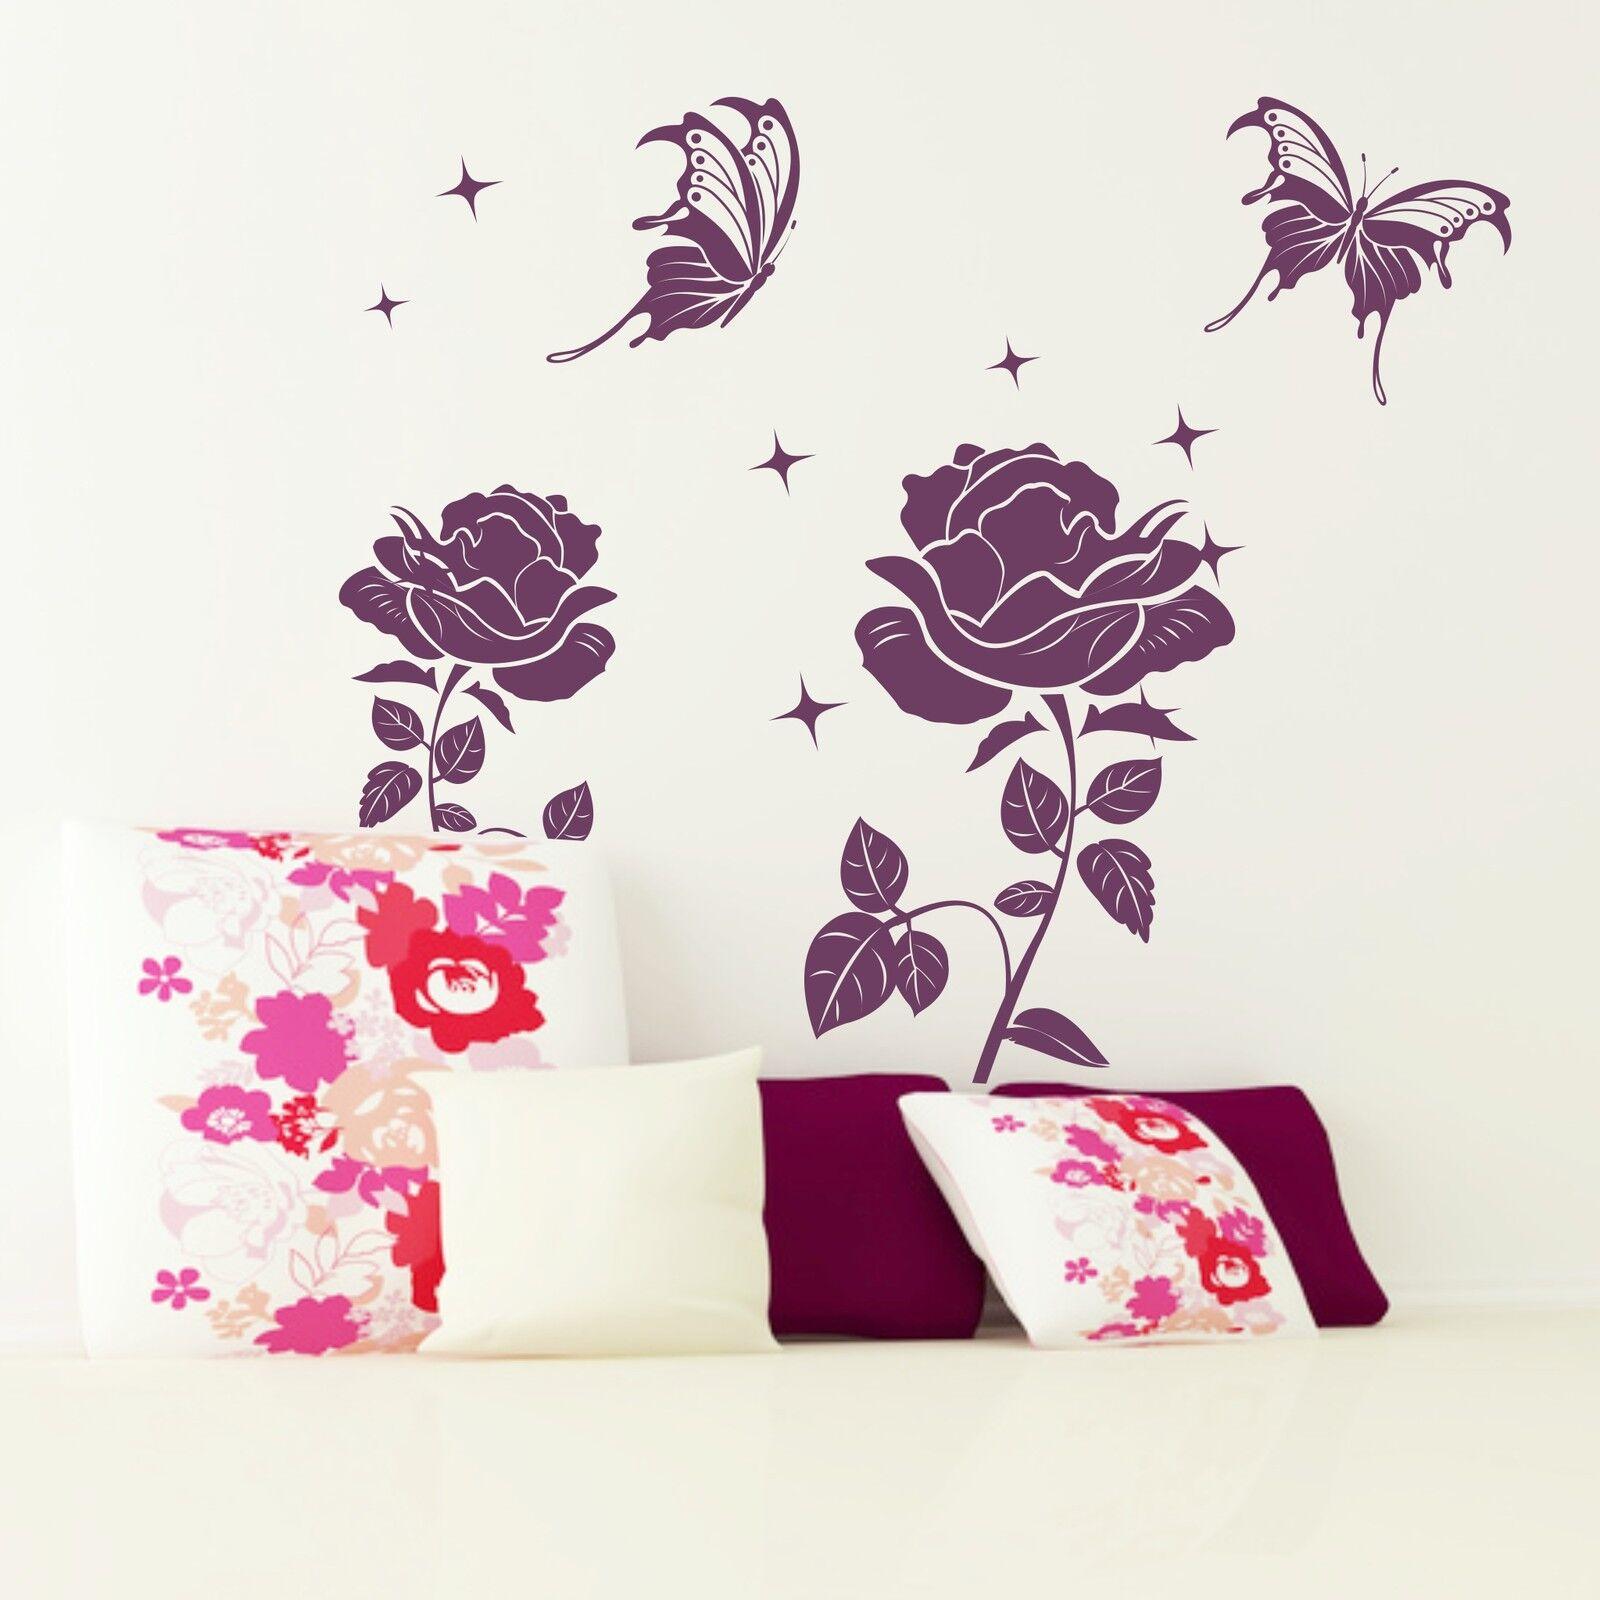 Tapisserie roses magiques magiques magiques roses papillons étoiles rêve murale 7718db